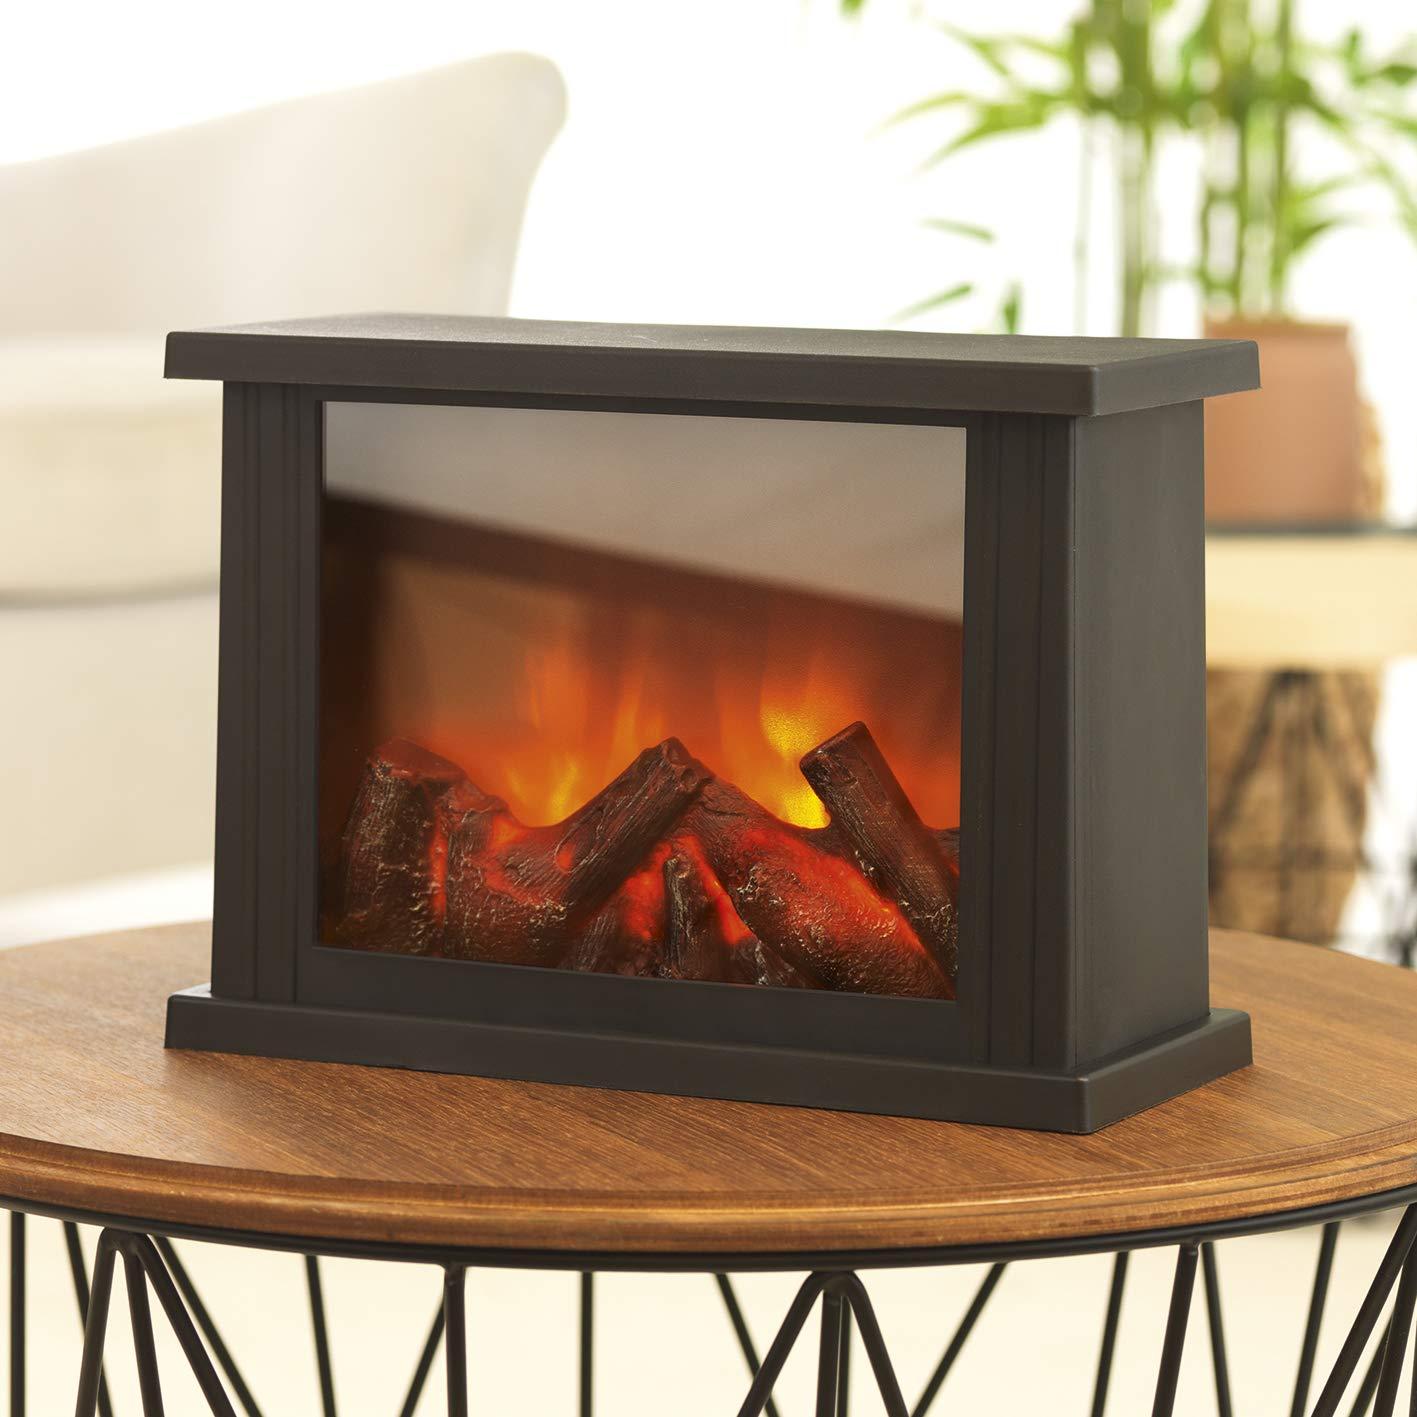 EASYmaxx 05330 LED-Tischkamin | Lodernde Flammen | Schwarz, 15 x 15 x 23,5 cm DS-Produkte